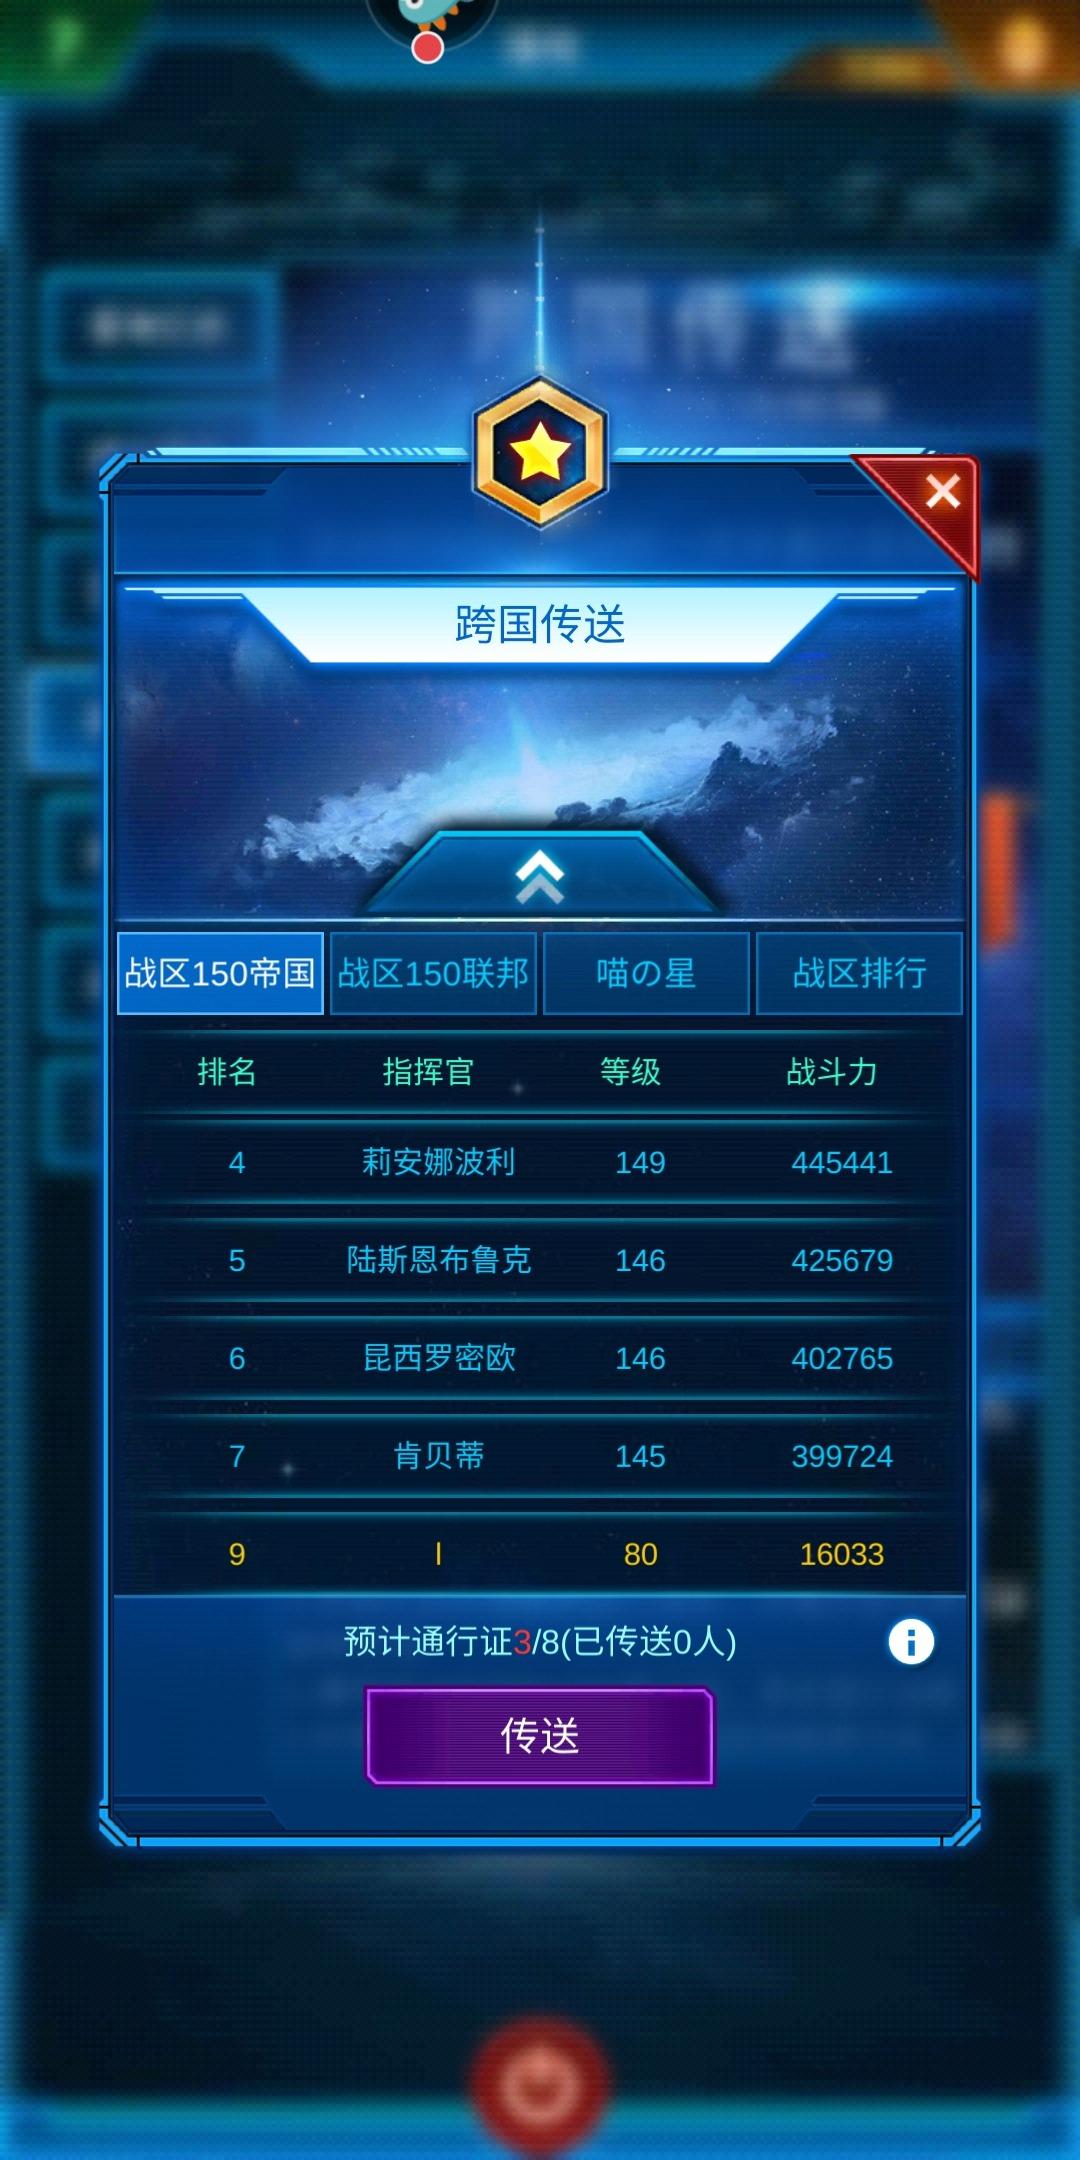 Screenshot_20200720_145917_com.jedigames.p16s.aligames.jpg